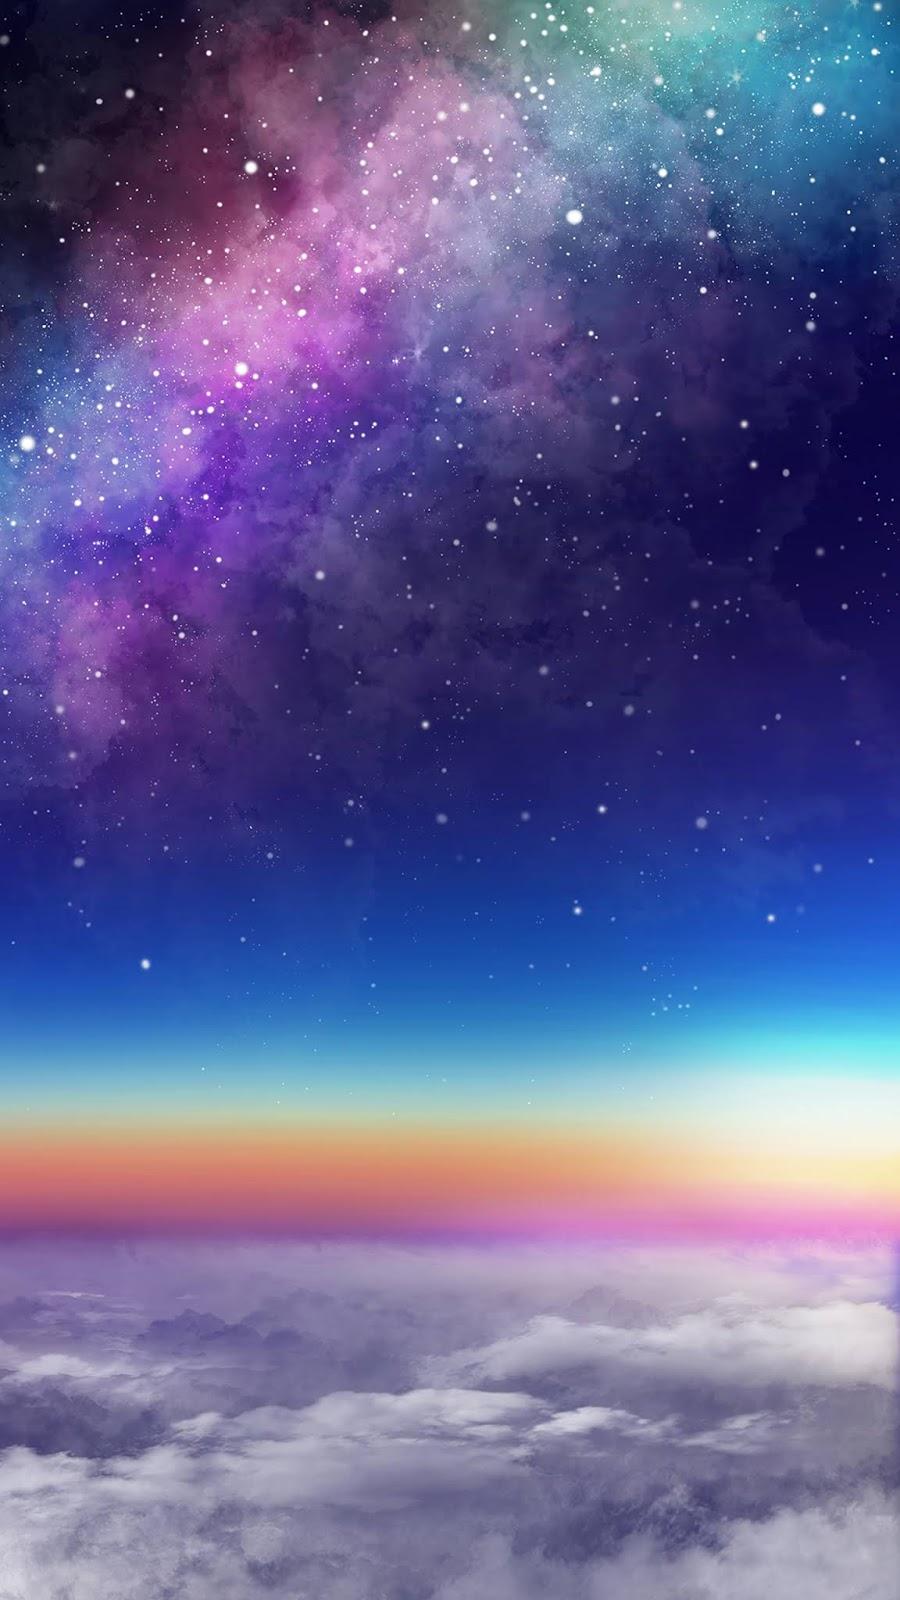 Dãy ngân hà đầy sắc màu giữa bầu trời